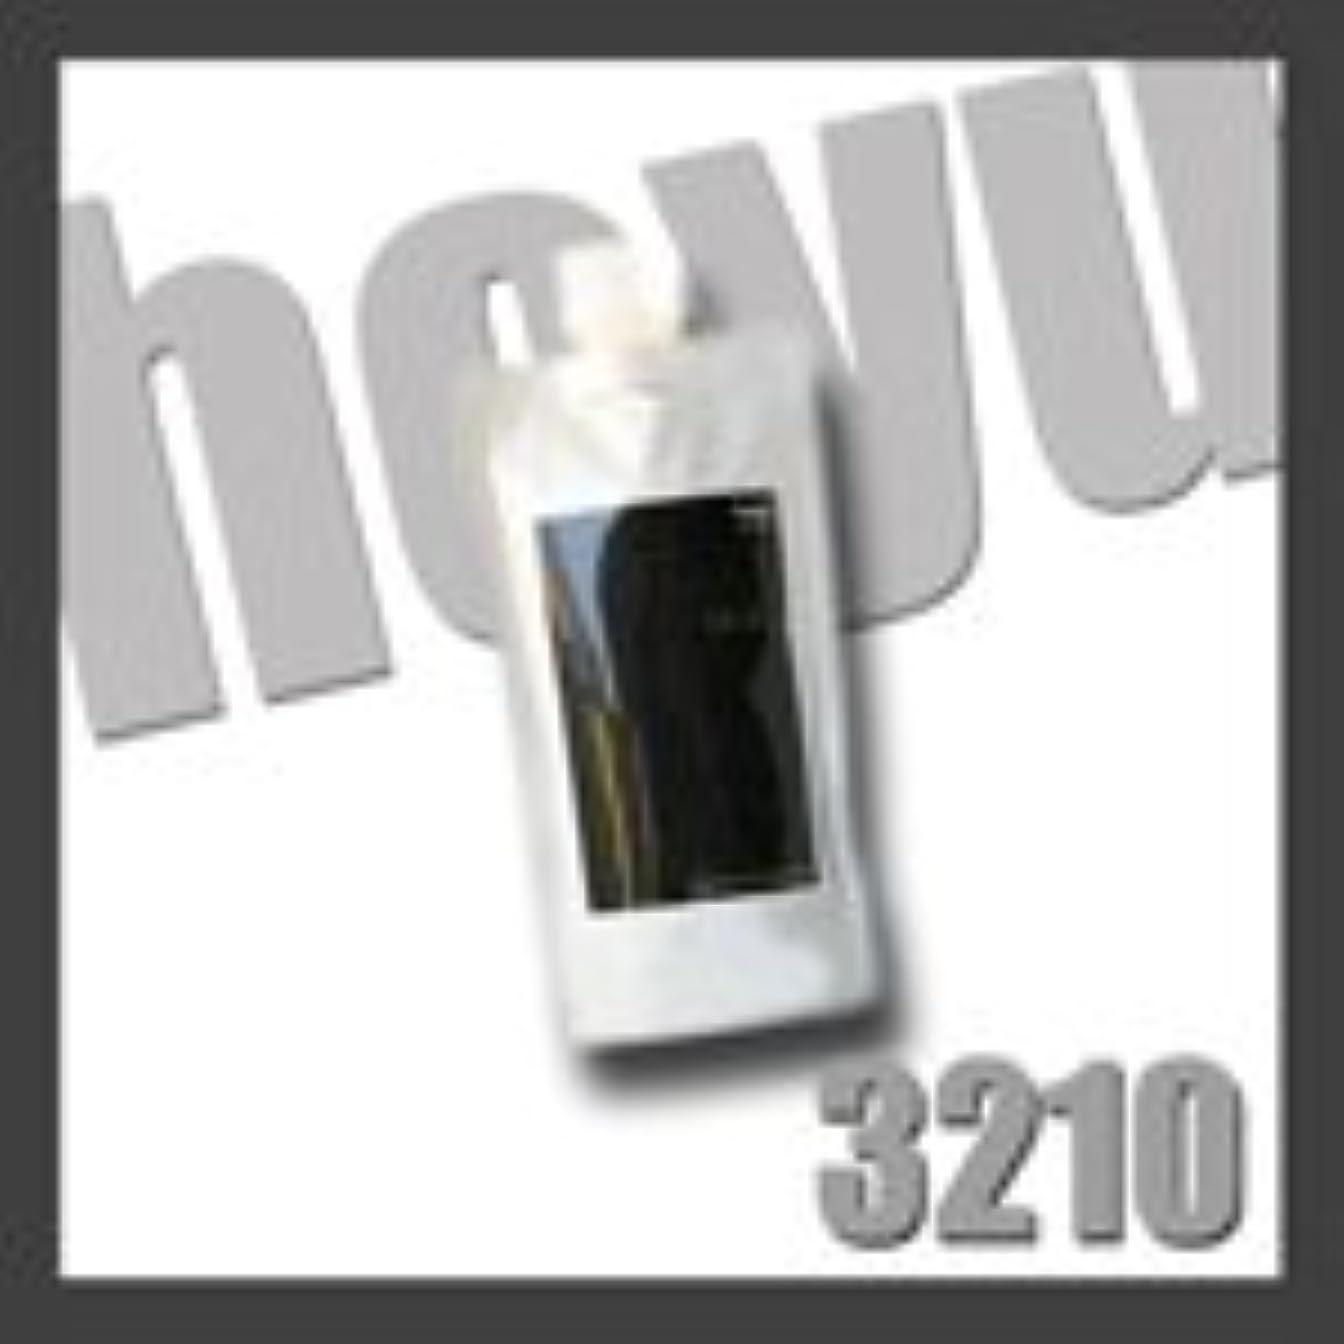 彼の我慢するシチリアHOYU ホーユー 3210 ミニーレ ウルトラハード ワックス レフィル 200g 詰替用 フィニッシュワークシリーズ